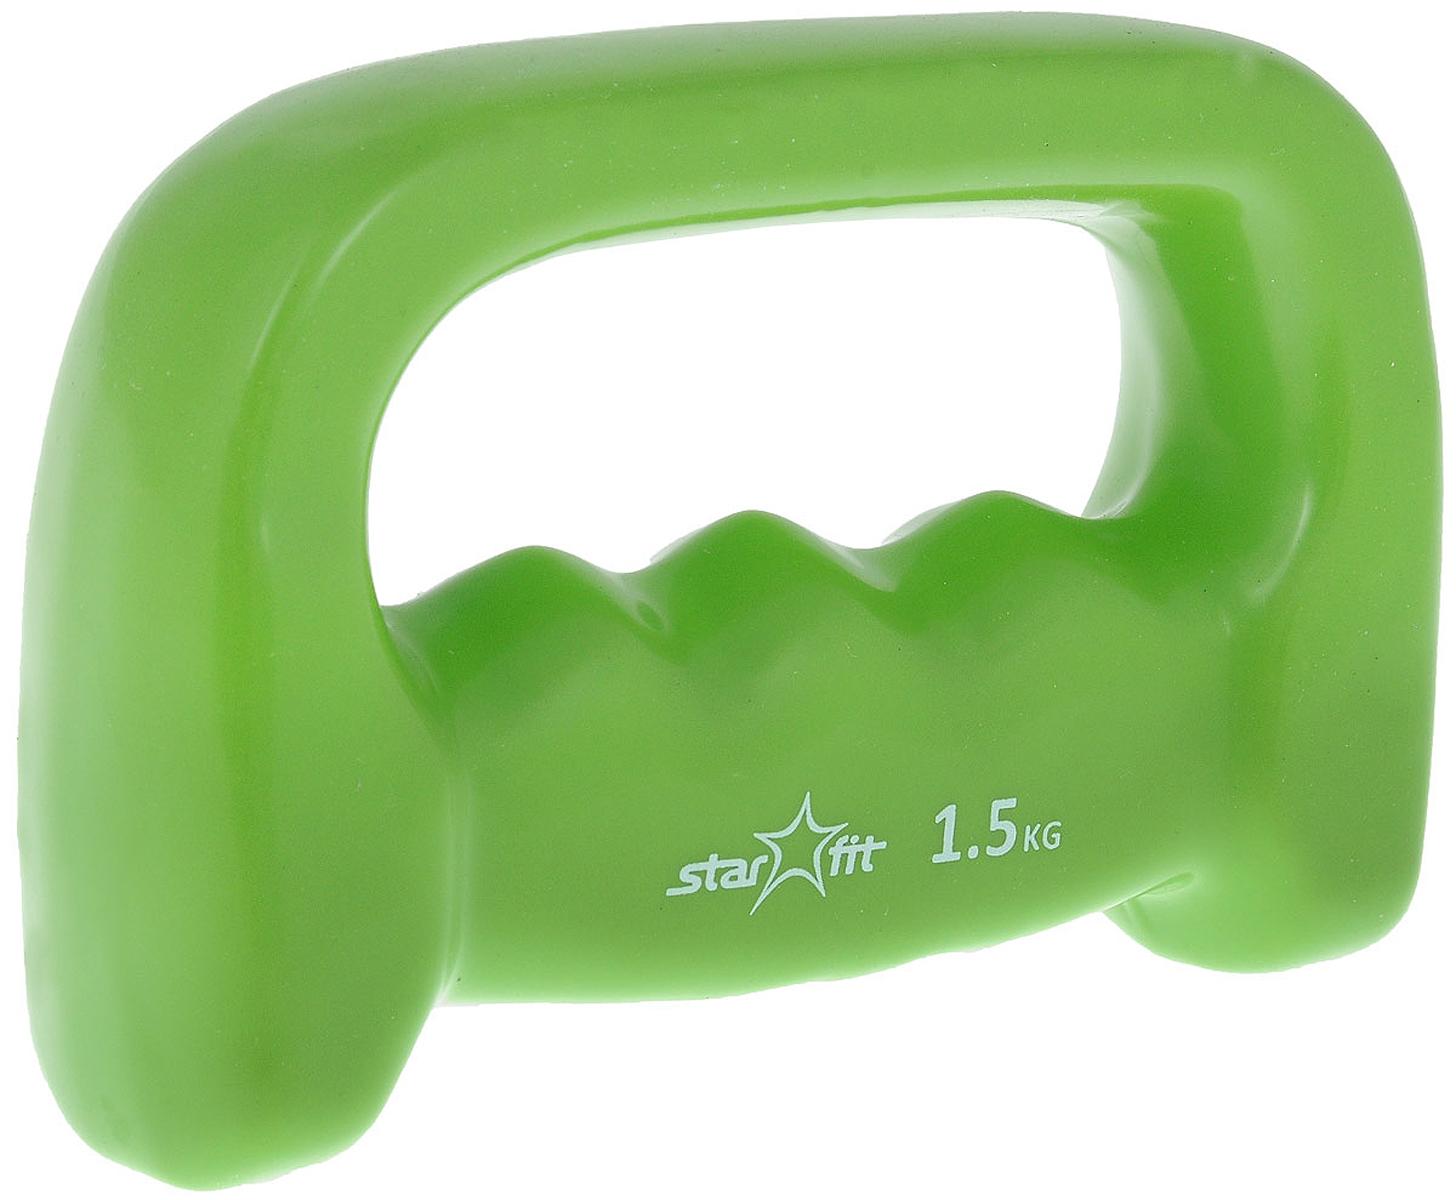 Гантель виниловая Starfit, цвет: зеленый, 1,5 кгУТ-00007082Металлическая гантель с виниловым покрытием Star Fit отлично подойдет для занятий спортом. Она помогает укрепить мышцы рук, грудной клетки, верхней части спины и плеч. Гантель можно использовать во время беговых упражнений благодаря Этот спортивный снаряд является идеальной дополнительной нагрузкой для любых физических упражнений. Для себя можно подобрать подходящий комплекс и неуклонно худеть, разминаясь с гантелями. В скором времени стройная фигура и отличное самочувствие станут наградой за постоянные занятия.